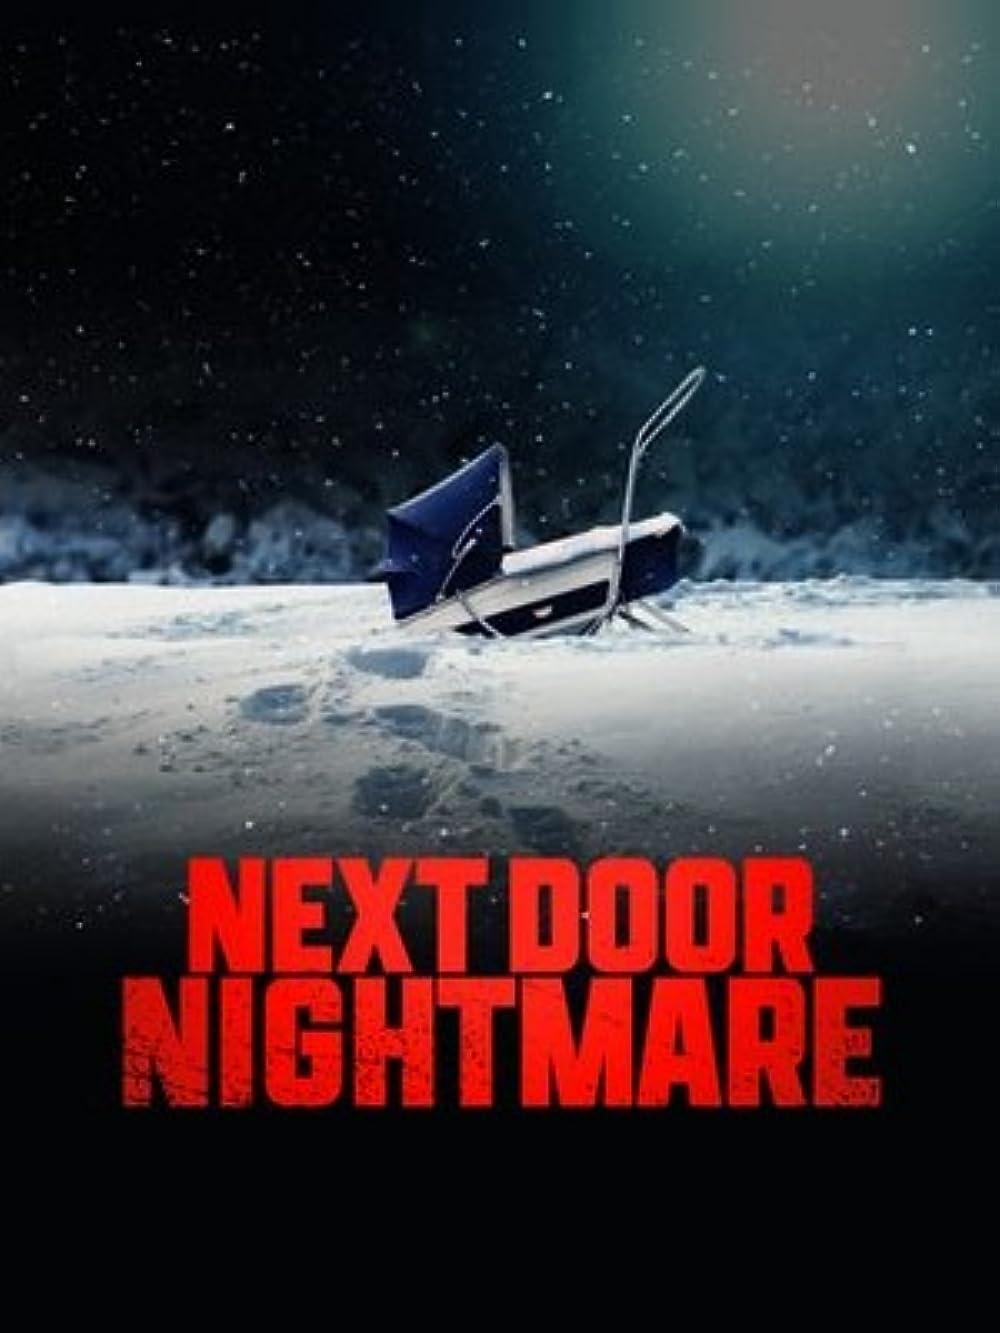 Download Next Door Nightmare (2021) Bengali Dubbed (Voice Over) WEBRip 720p [Full Movie] 1XBET Full Movie Online On 1xcinema.com